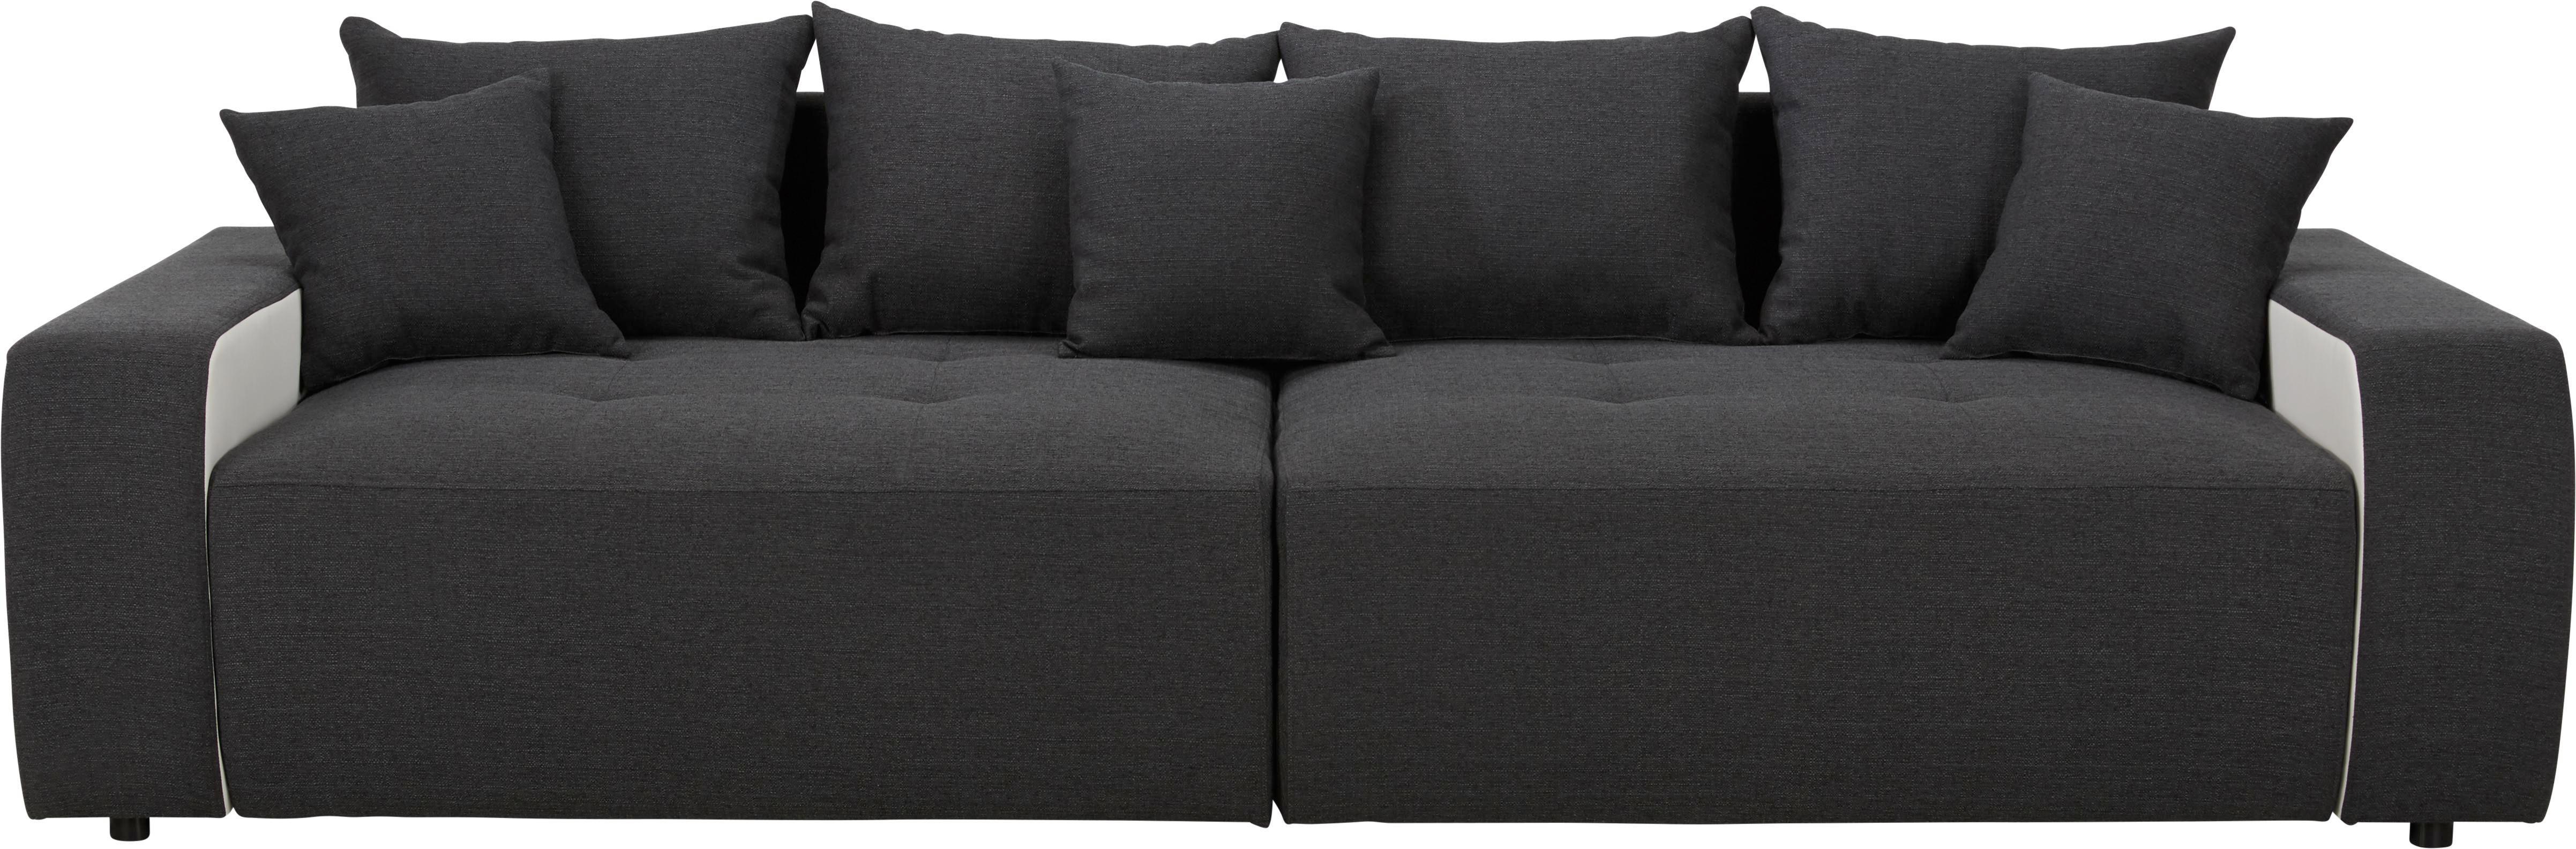 Bigsofa In Schwarz/Weiß Online Kaufen ➤ Mömax